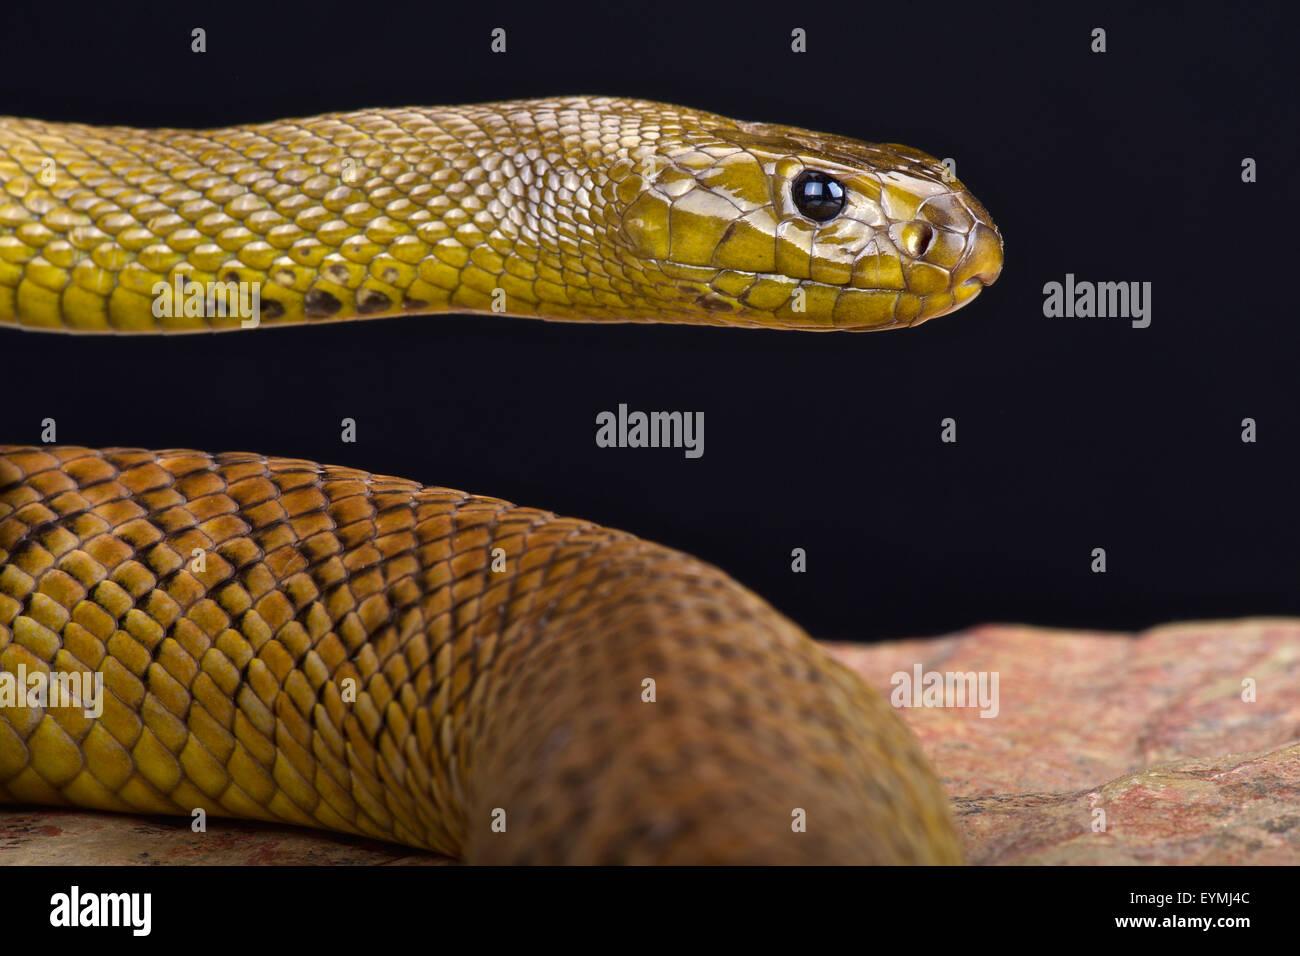 Inland Taipan (Oxyuranus microlepidotus) - Stock Image